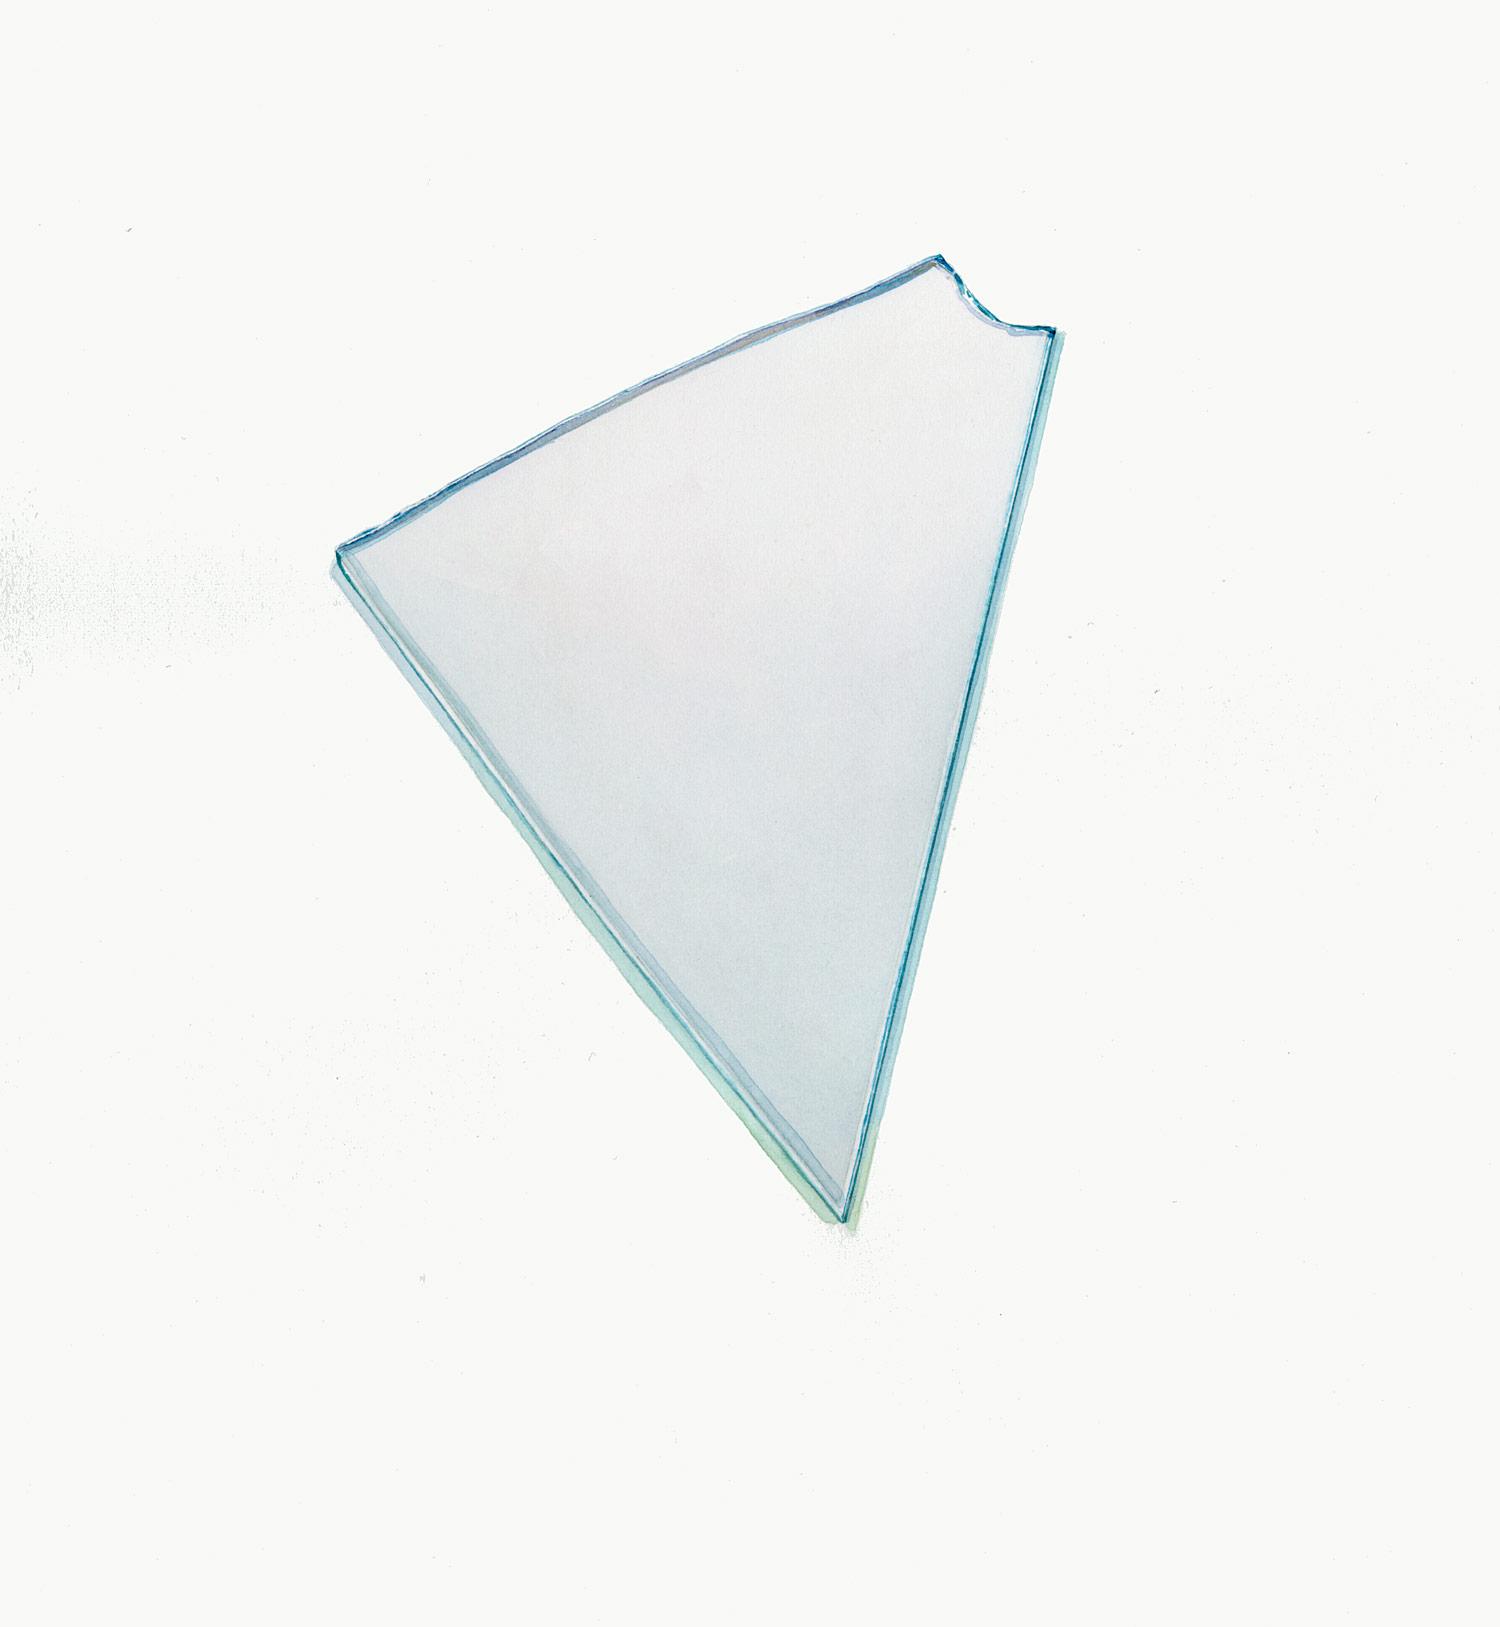 Glass Shard #1